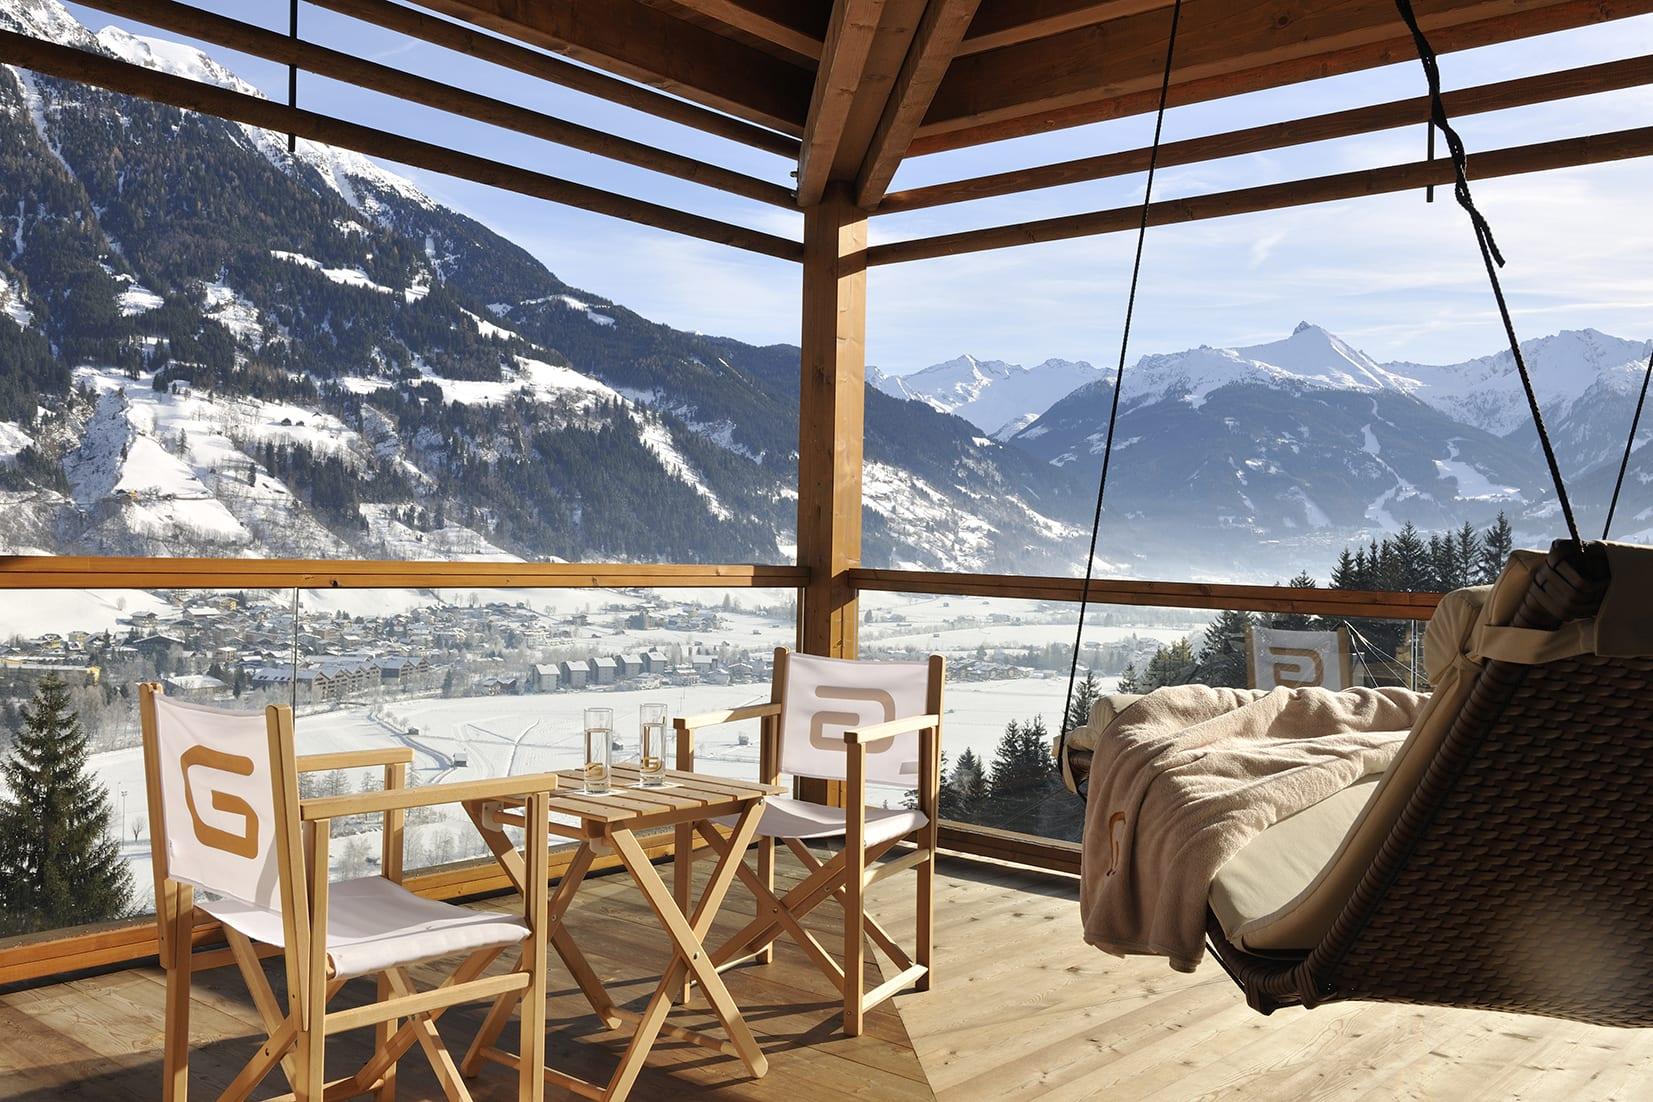 Hotel DAS.GOLDBERG Bad Hofgastein My Winter Pleasure... 3 nights